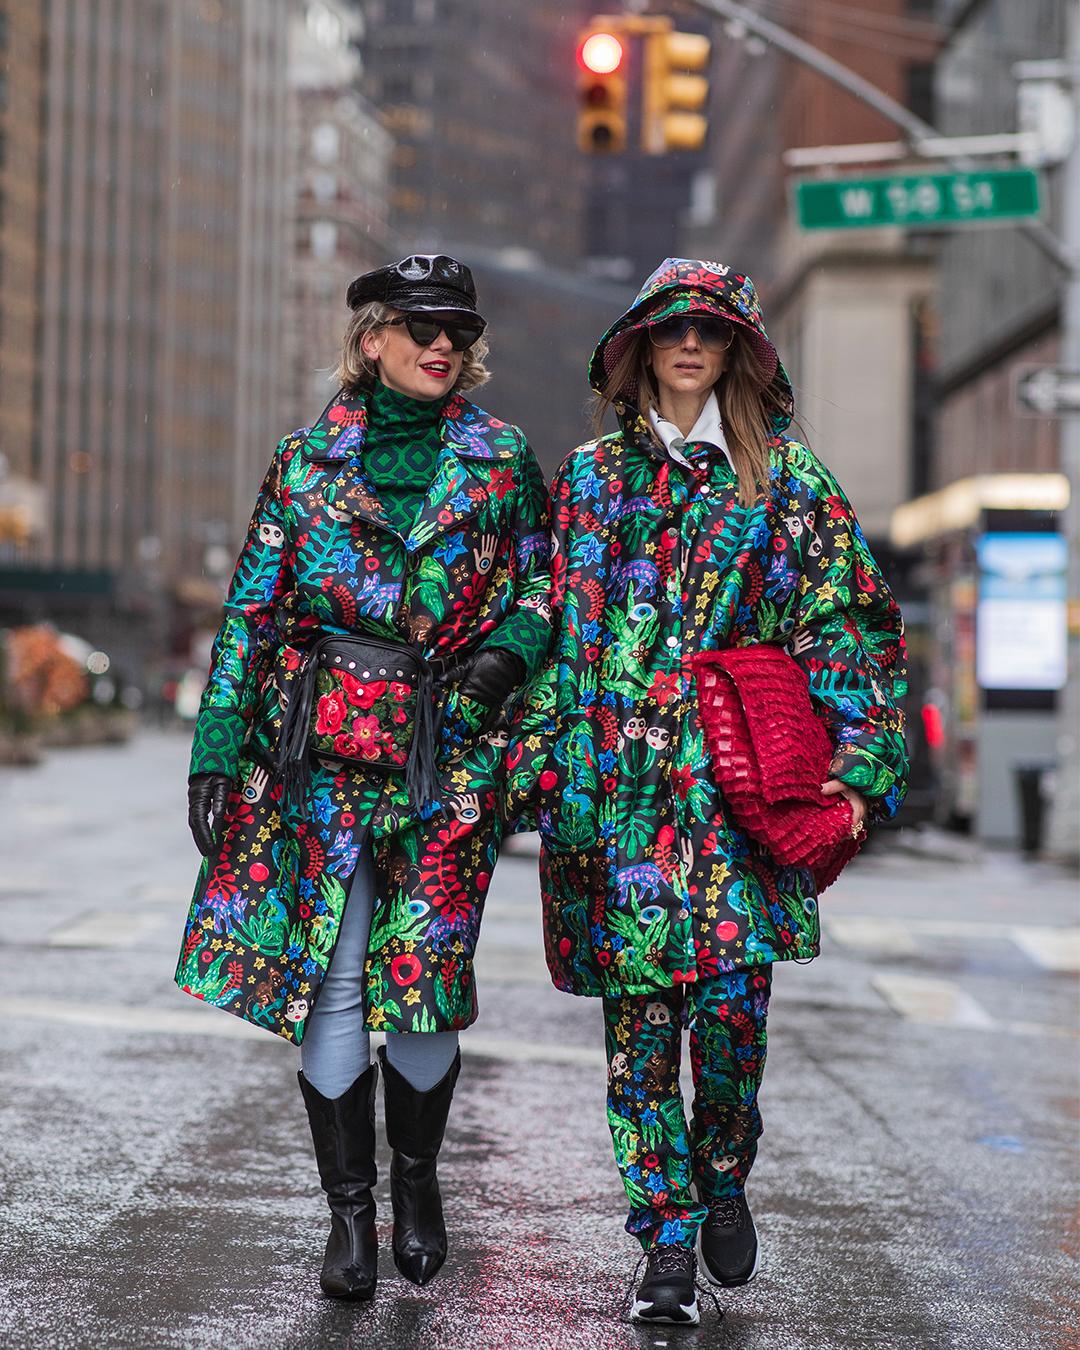 Shiri Wizner heyfait and Orna haut New York fashion week